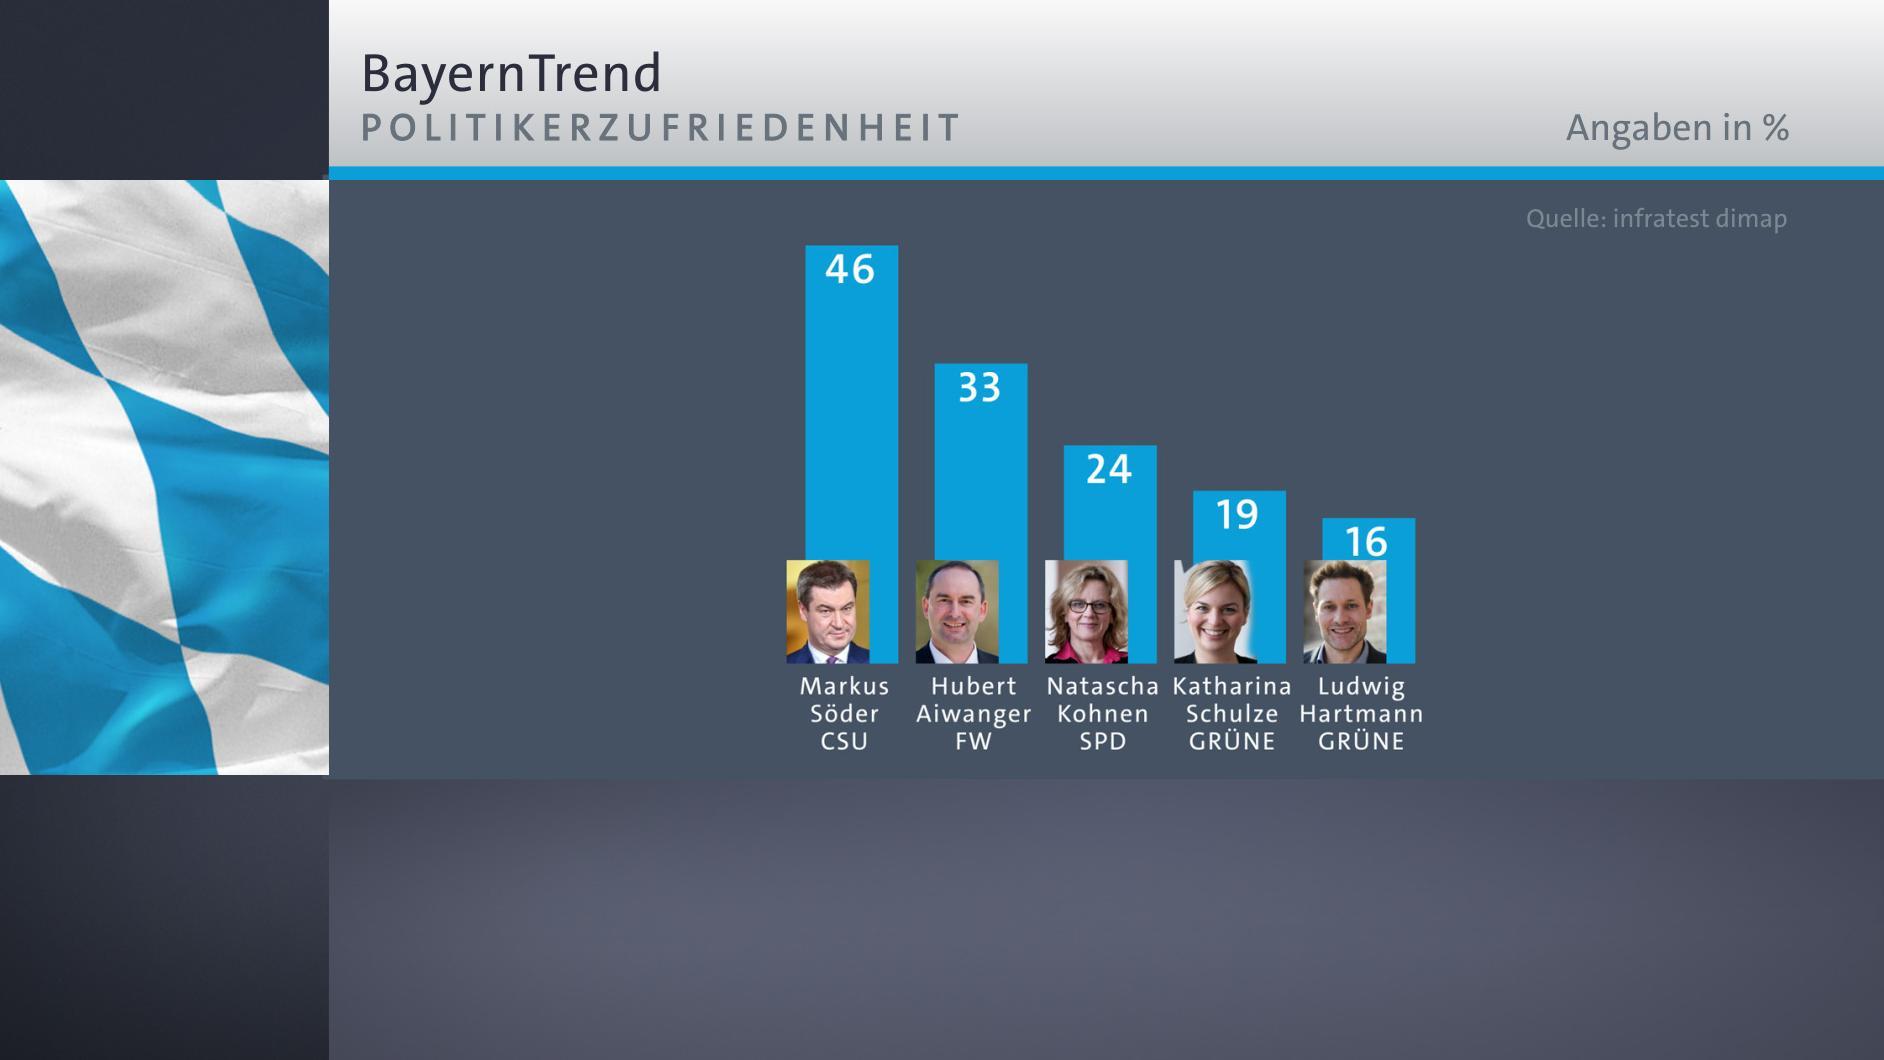 BayernTrend: Politikerzufriedenheit